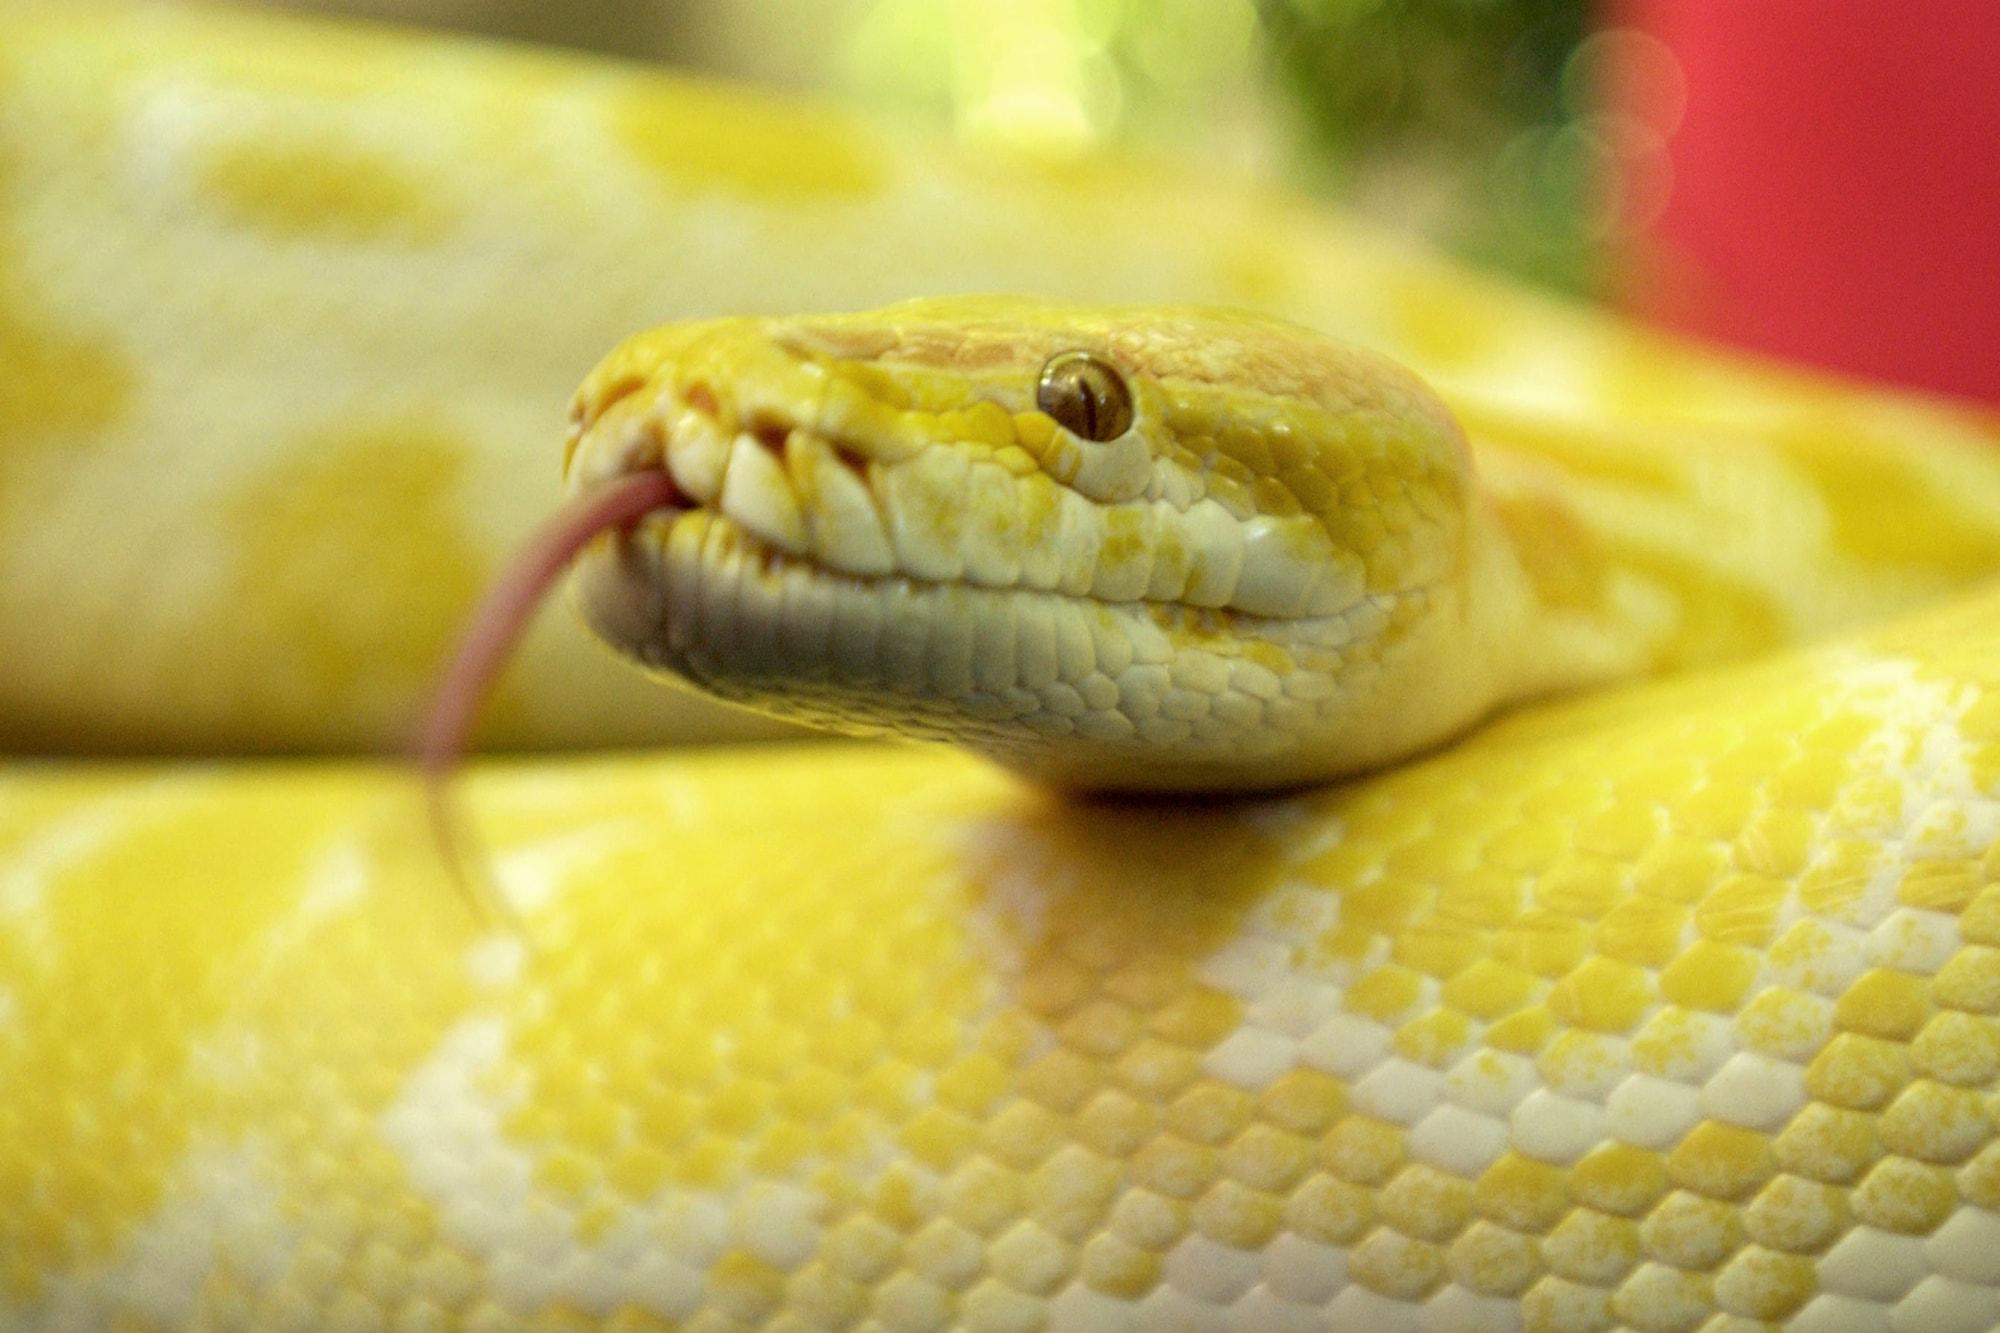 12-Foot Python Escapes Enclosure at Louisiana Aquarium